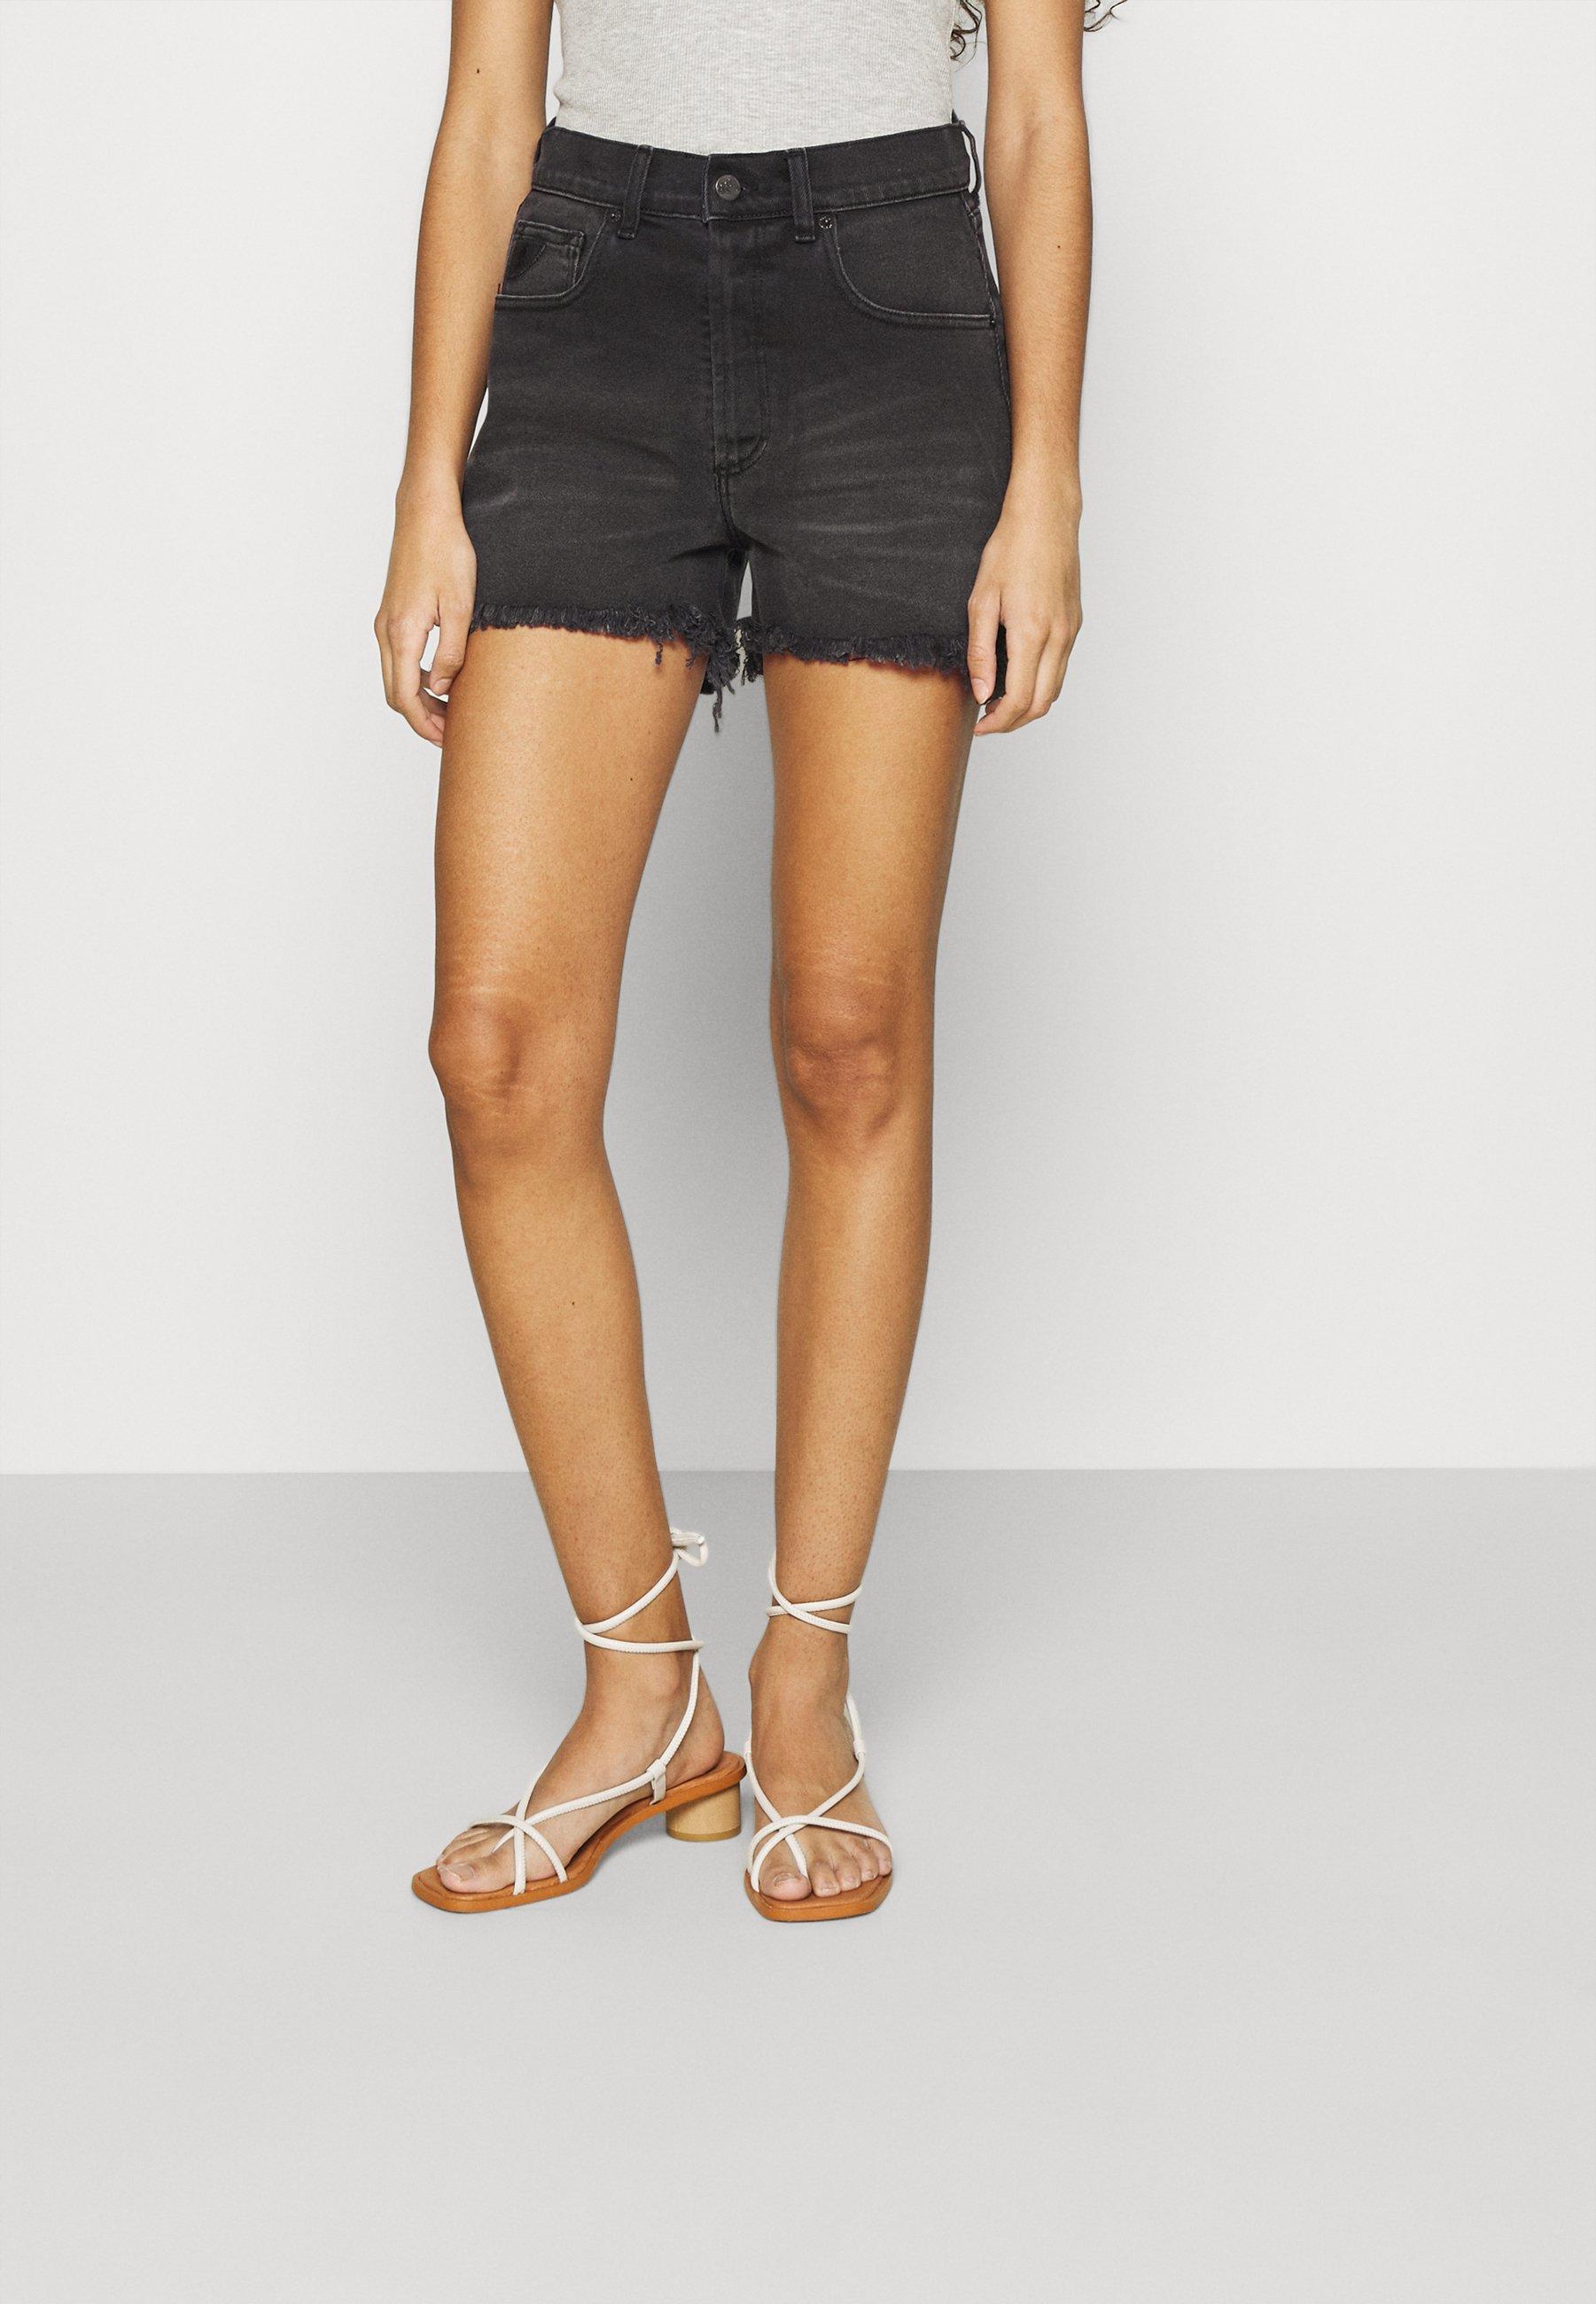 Damer SANTA - Jeans Short / cowboy shorts